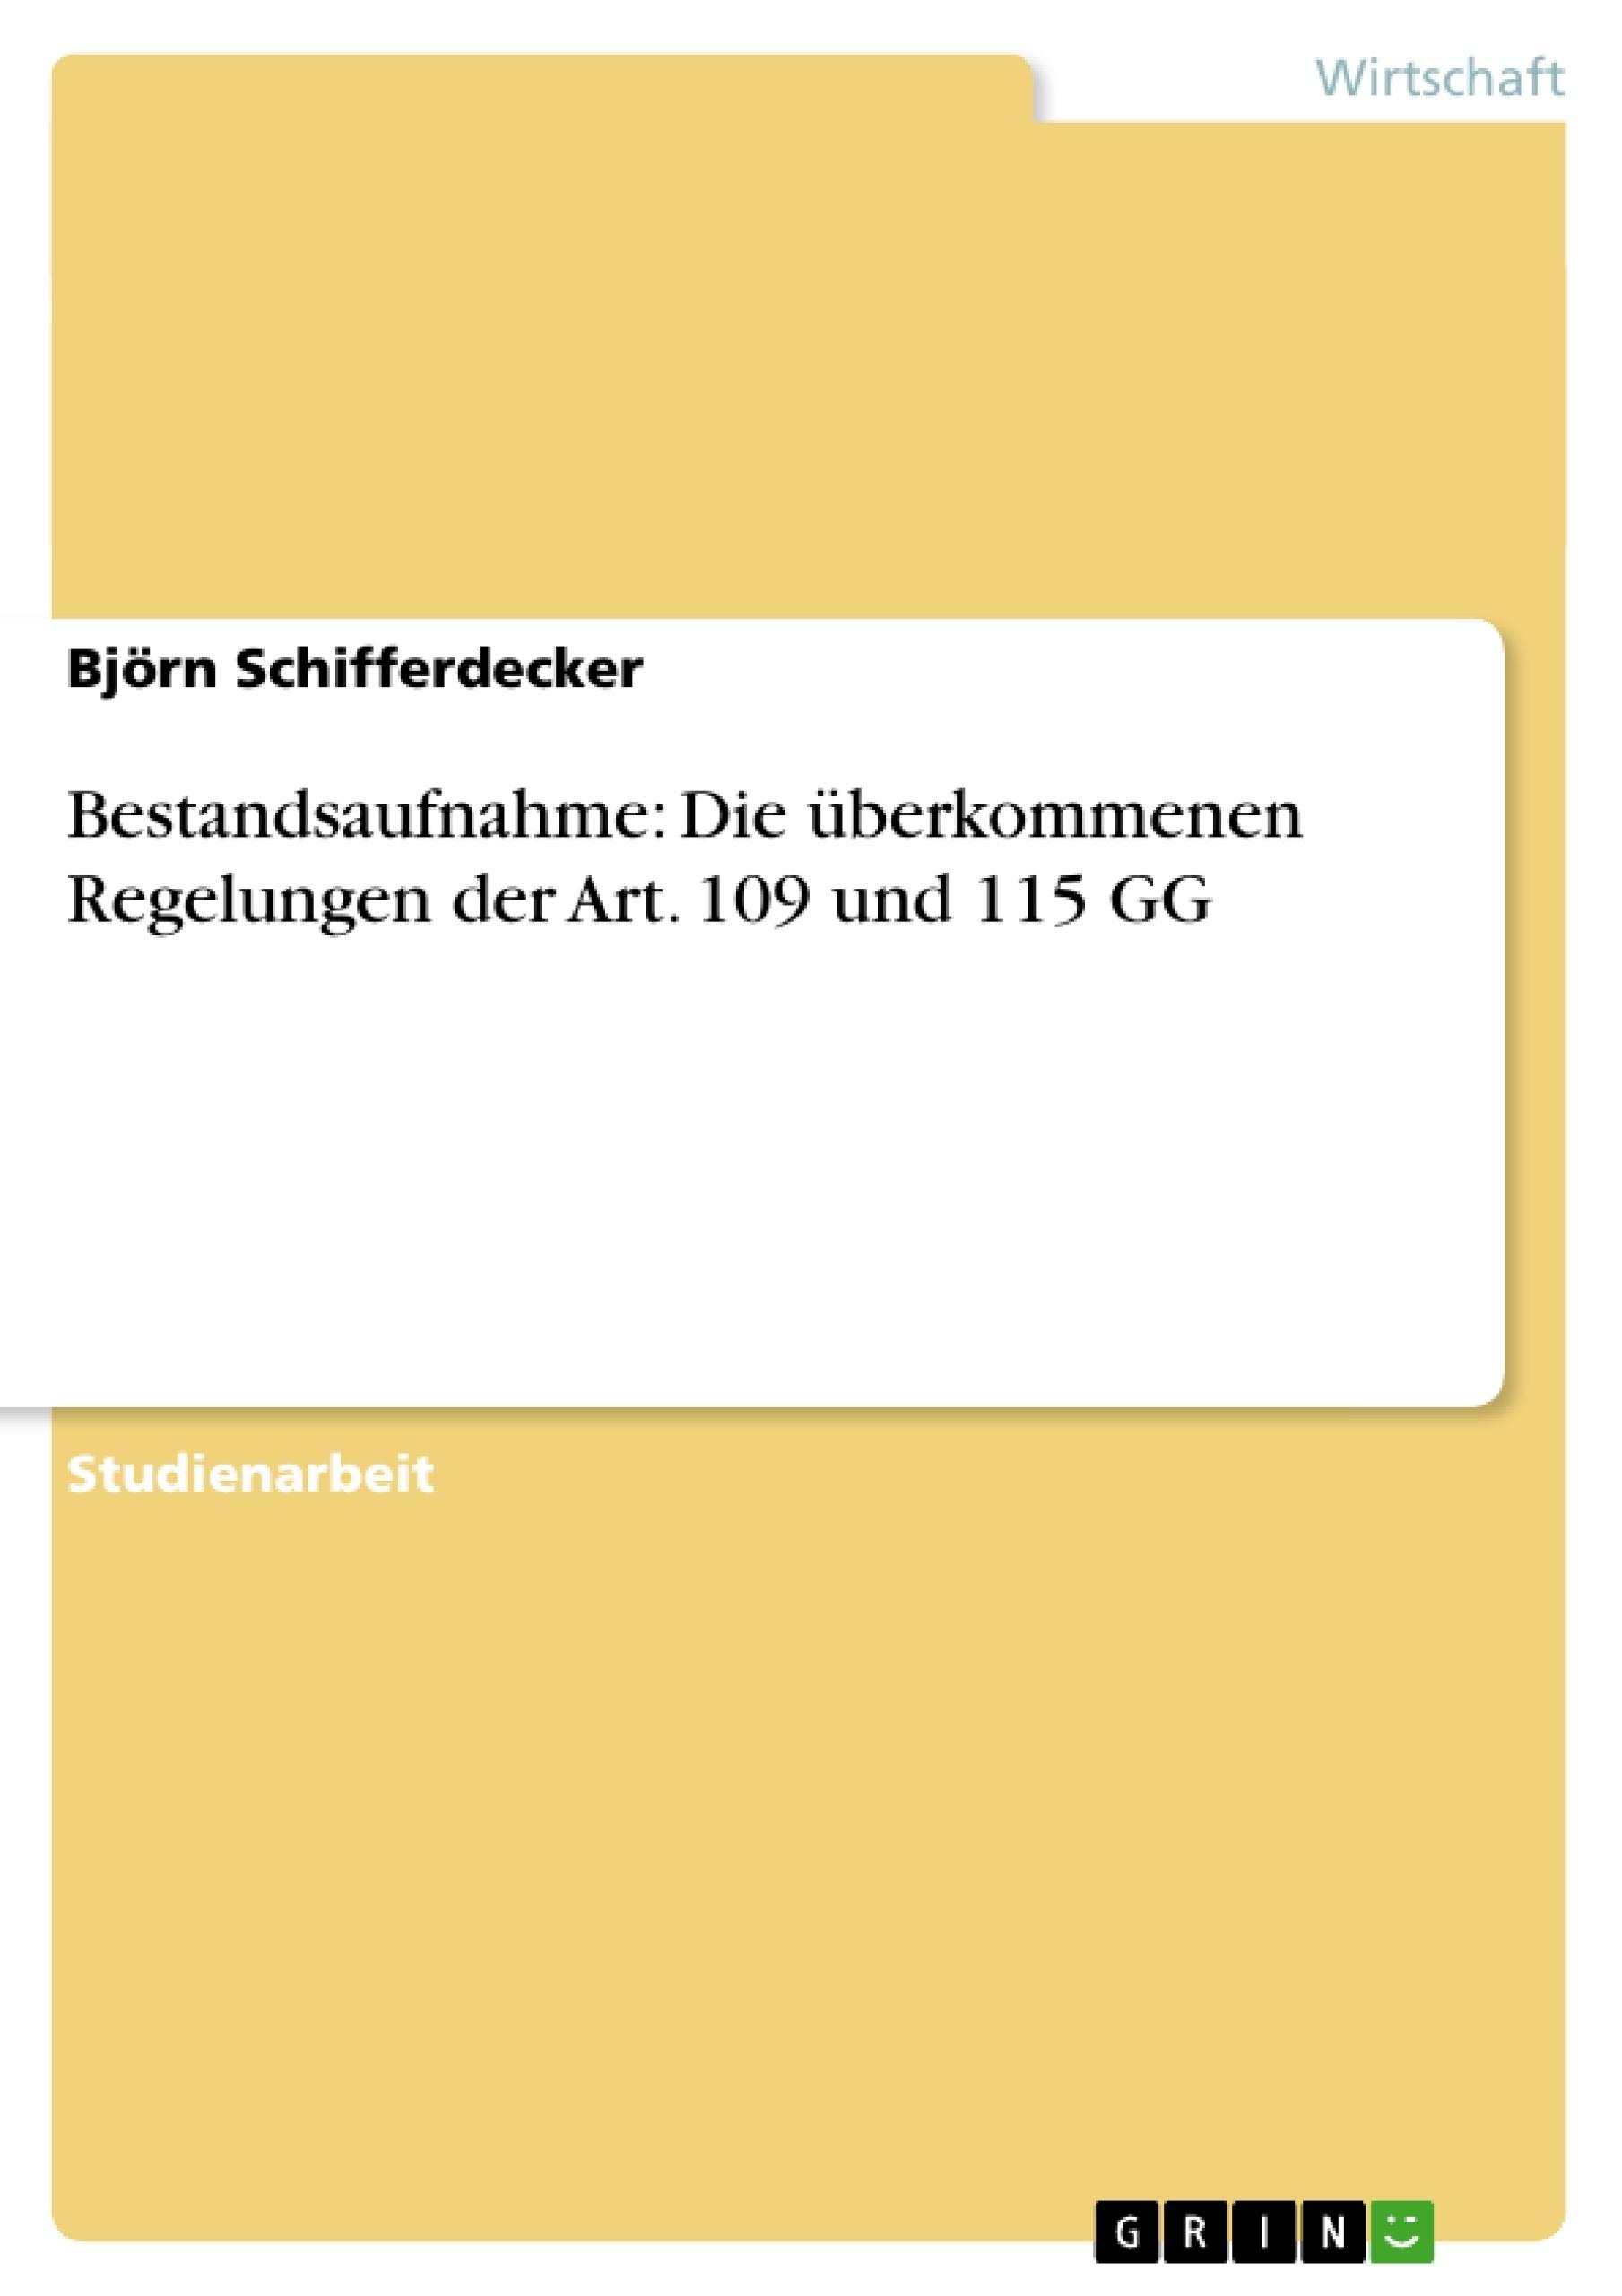 Titel: Bestandsaufnahme: Die überkommenen Regelungen der Art. 109 und 115 GG